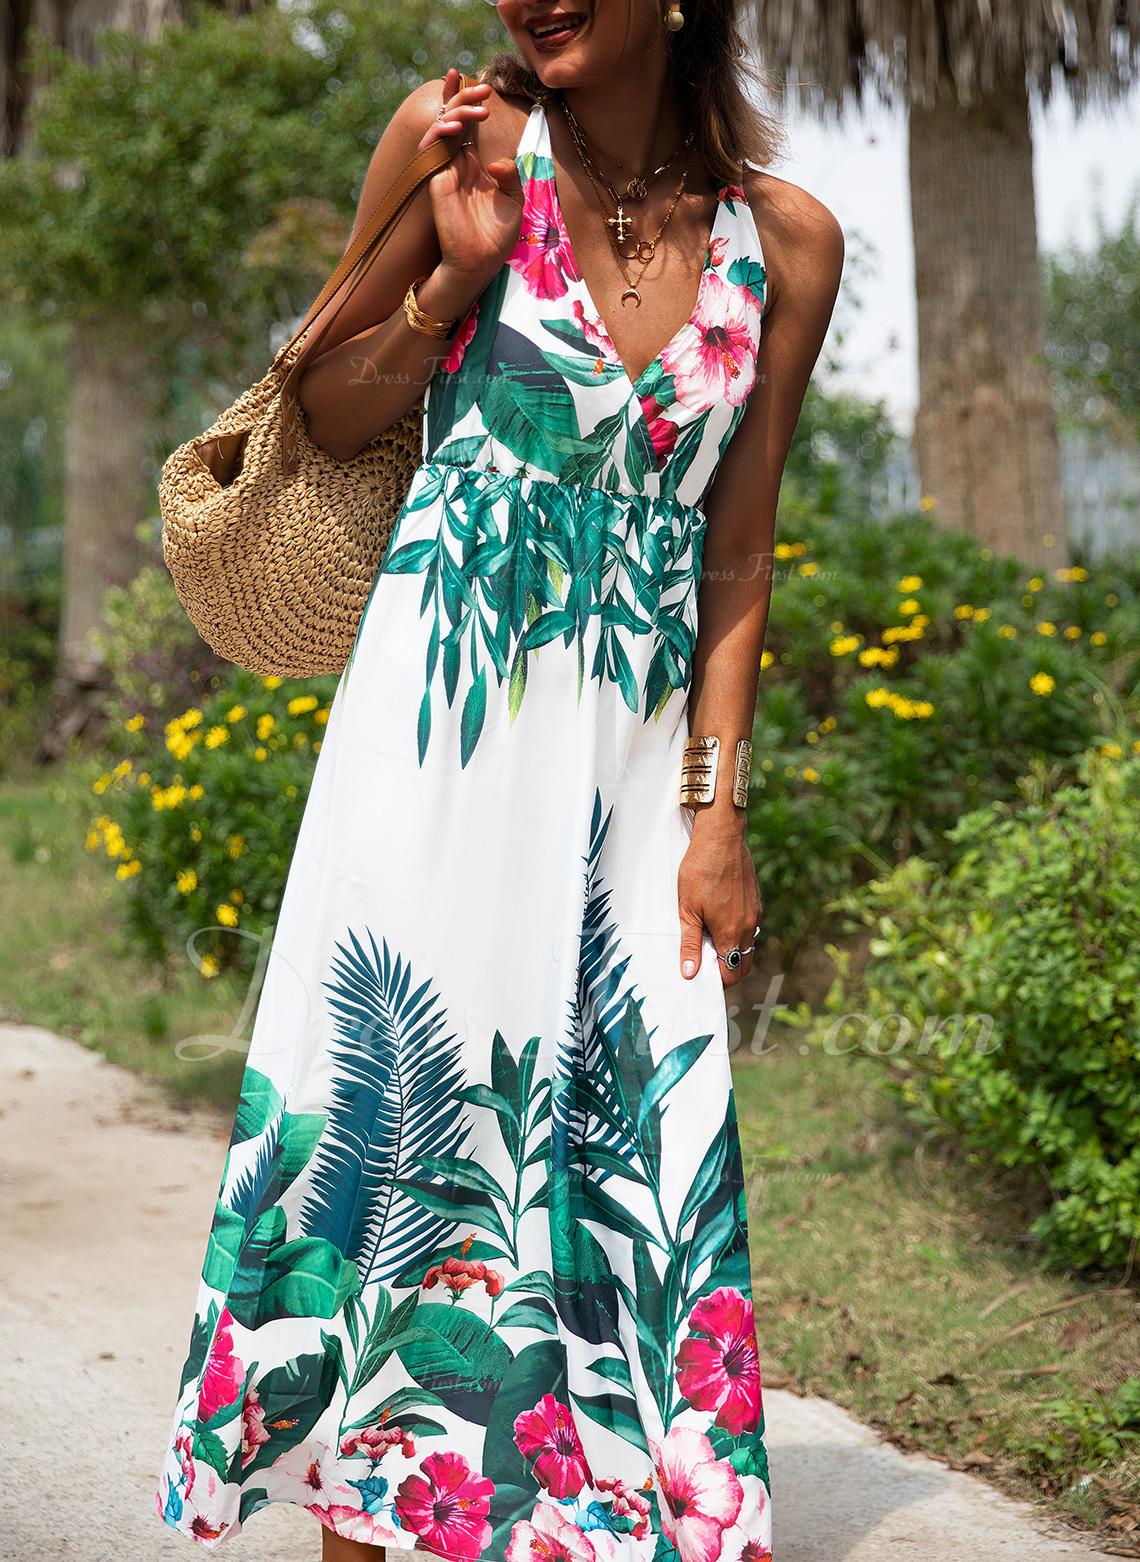 Floral Imprimeu Bir Çizgi Kolsuz Maxi gündelik Tatil Patenci Moda Elbiseler